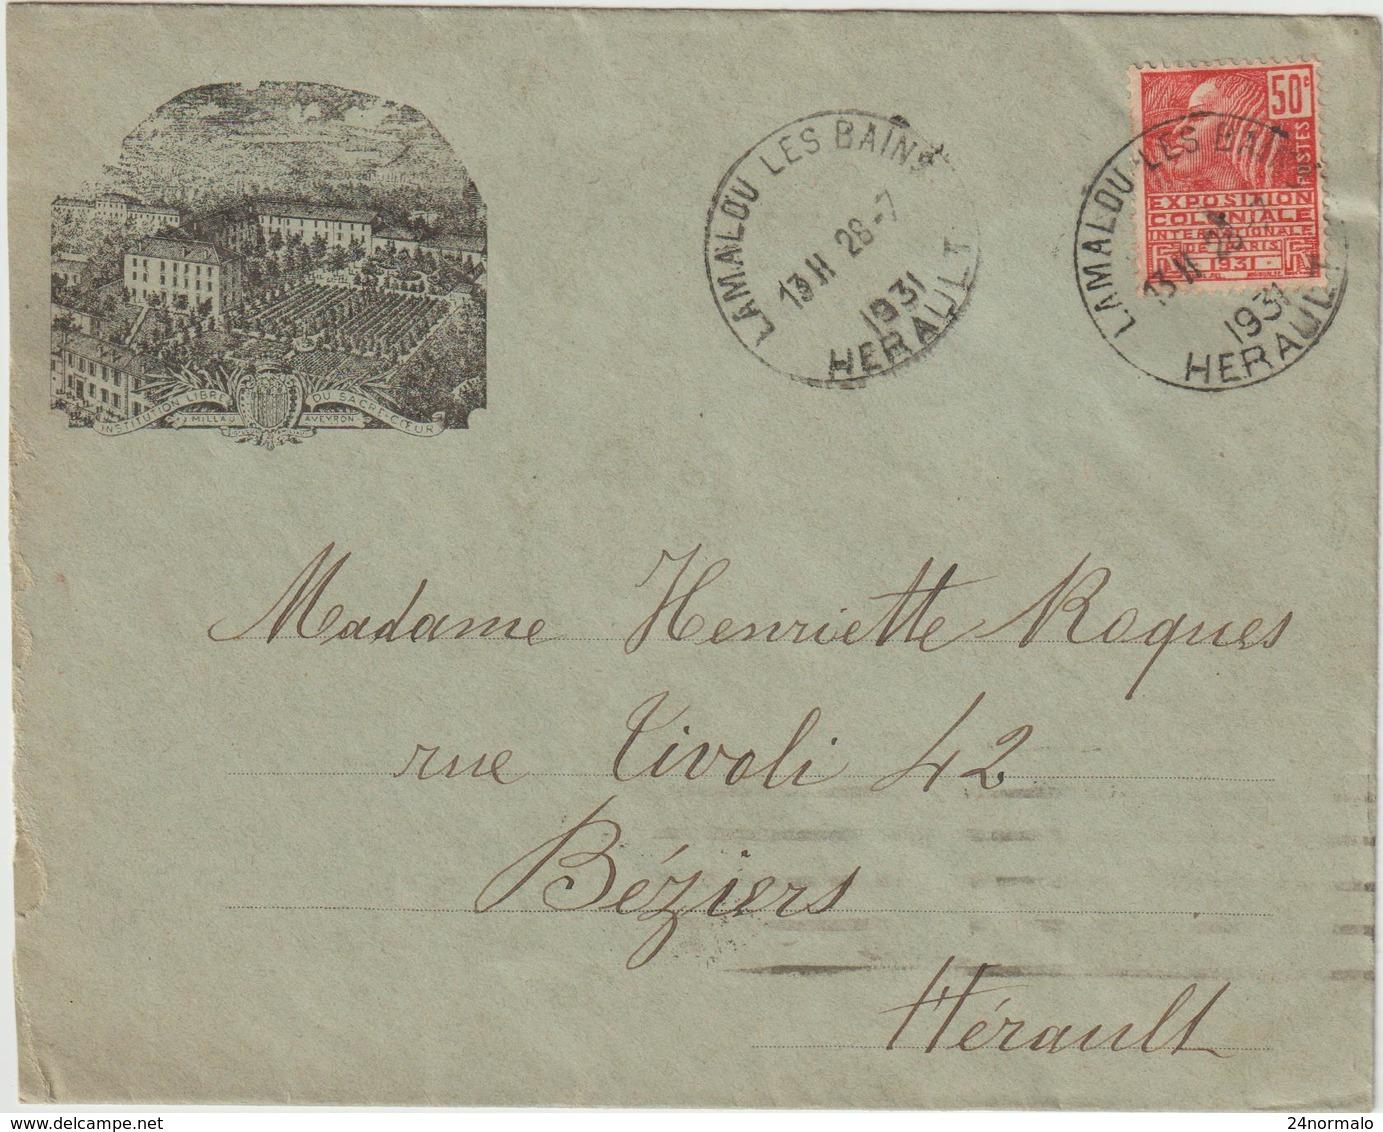 Hérault ESC Illustrée 50c Facchi O. Horoplan Lamalou Les Bains 1931 - Marcophilie (Lettres)